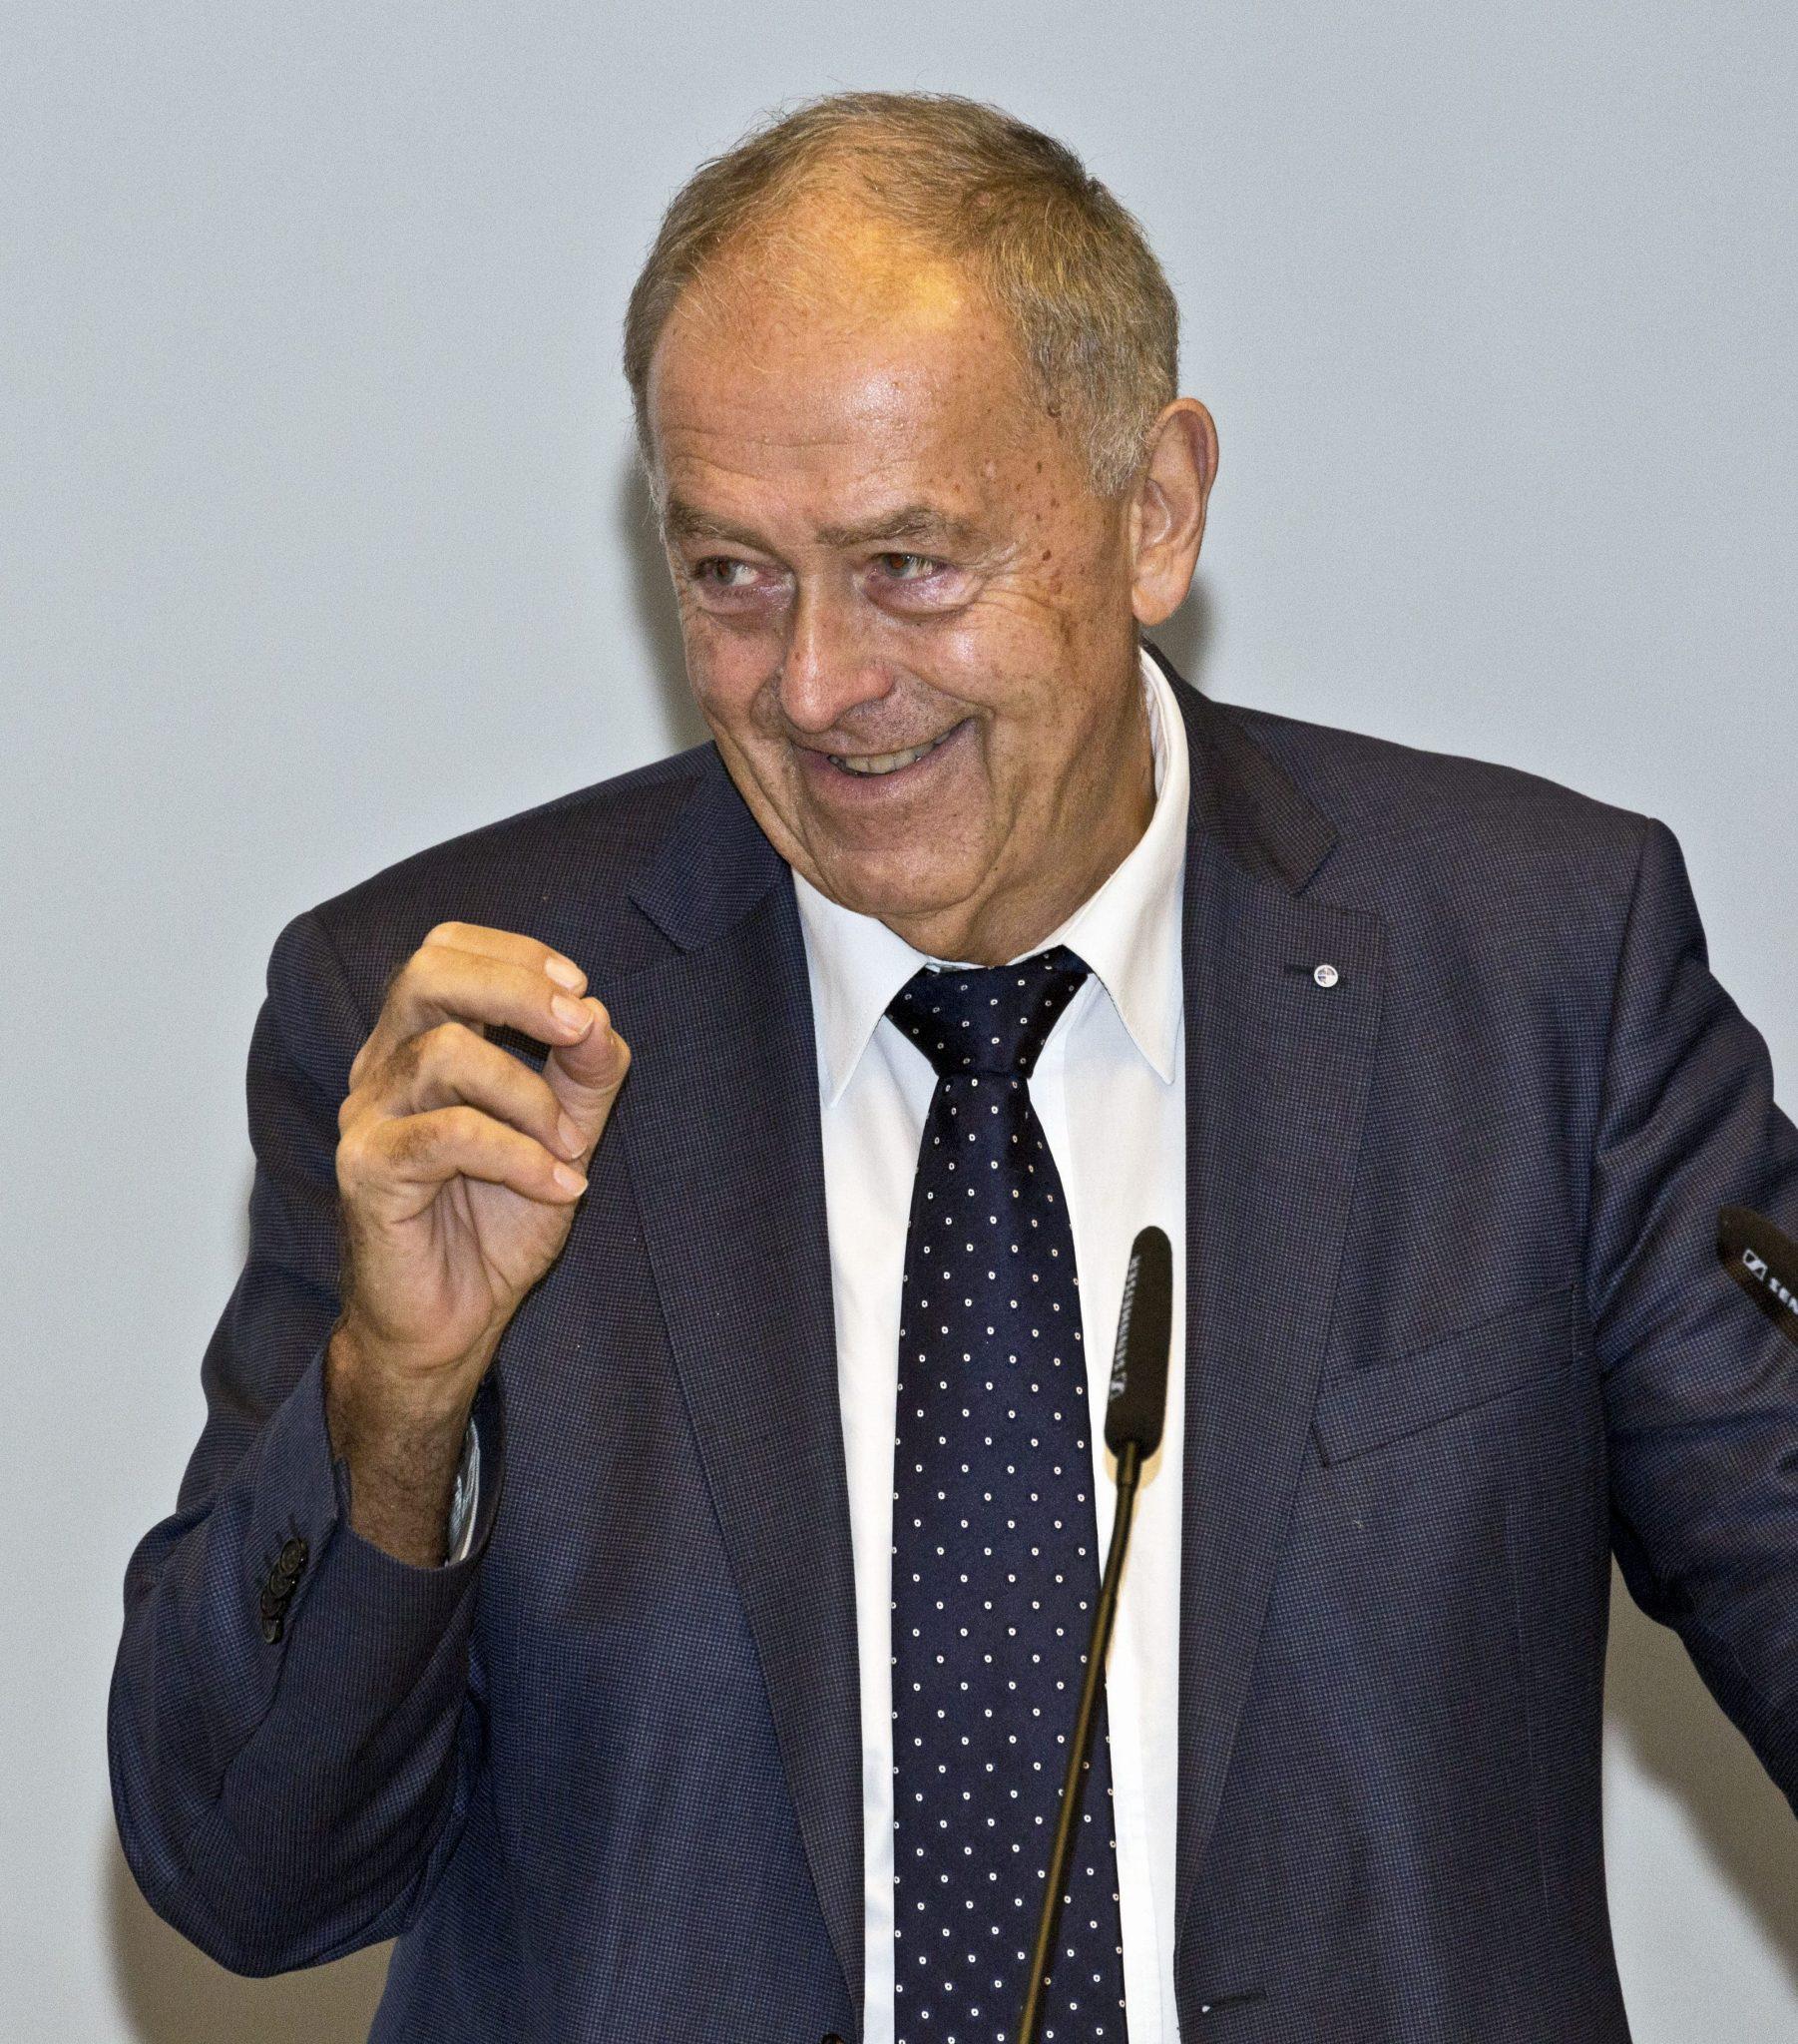 Prof. Dr. Dr. Dr. h.c. Franz-Josef Radermacher